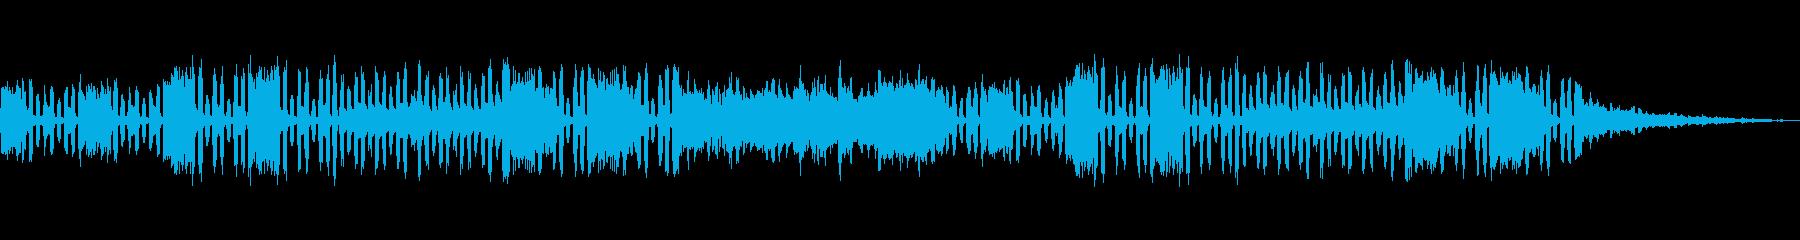 妖しい雰囲気のアコーディオン曲の再生済みの波形